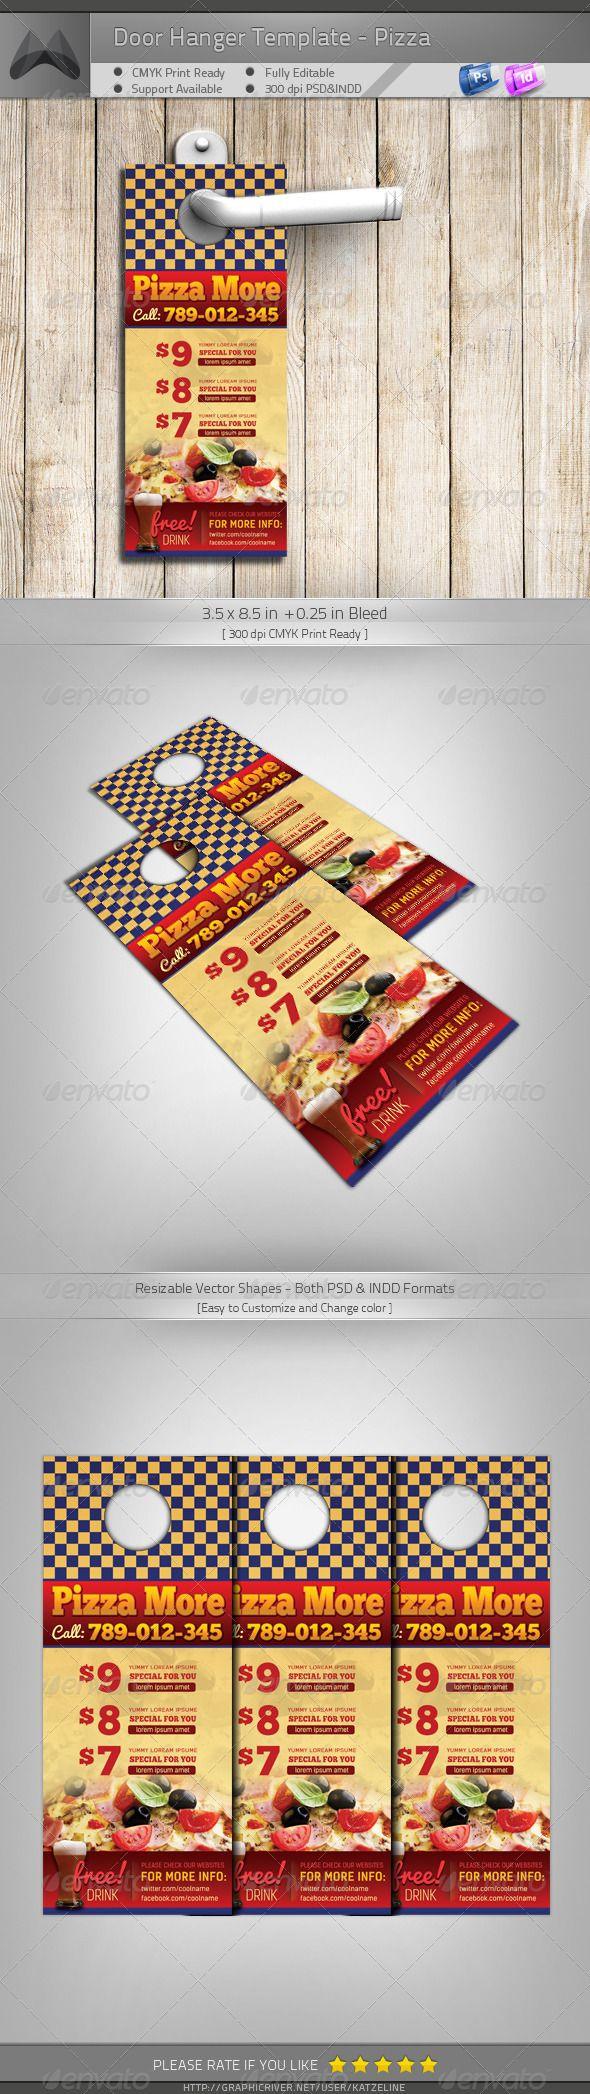 Door Hanger - Pizza More | Food & Drink Flyer Template | Pinterest ...